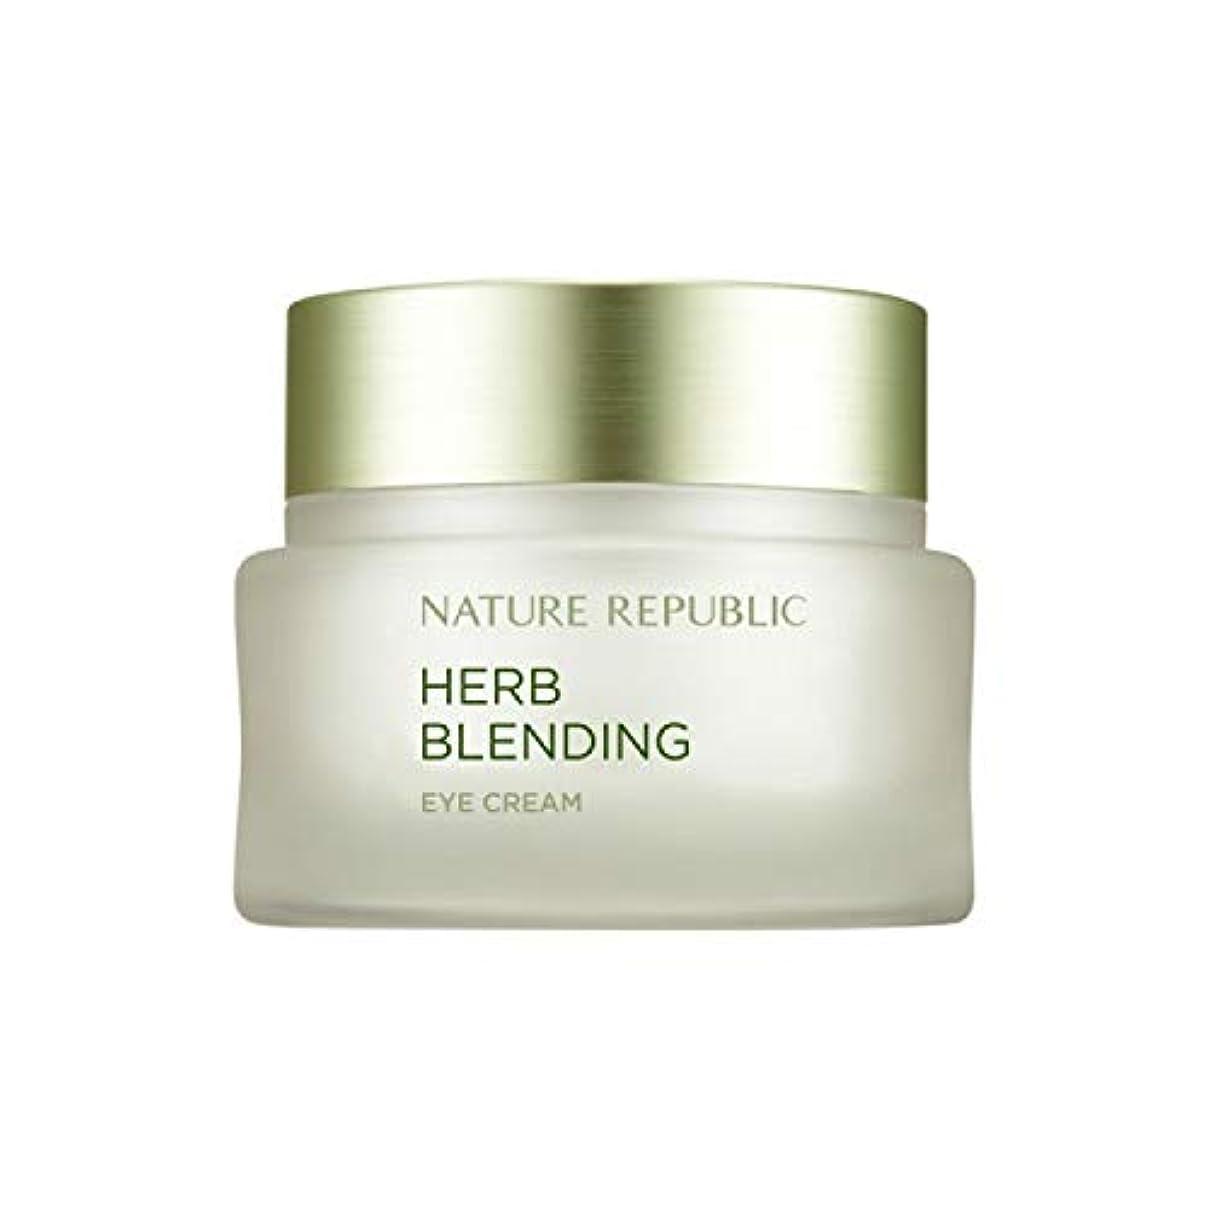 時計インフレーションカメラネイチャーリパブリック(Nature Republic)ハブブレンドアイクリーム 25ml / Herb Blending Eye Cream 25ml :: 韓国コスメ [並行輸入品]